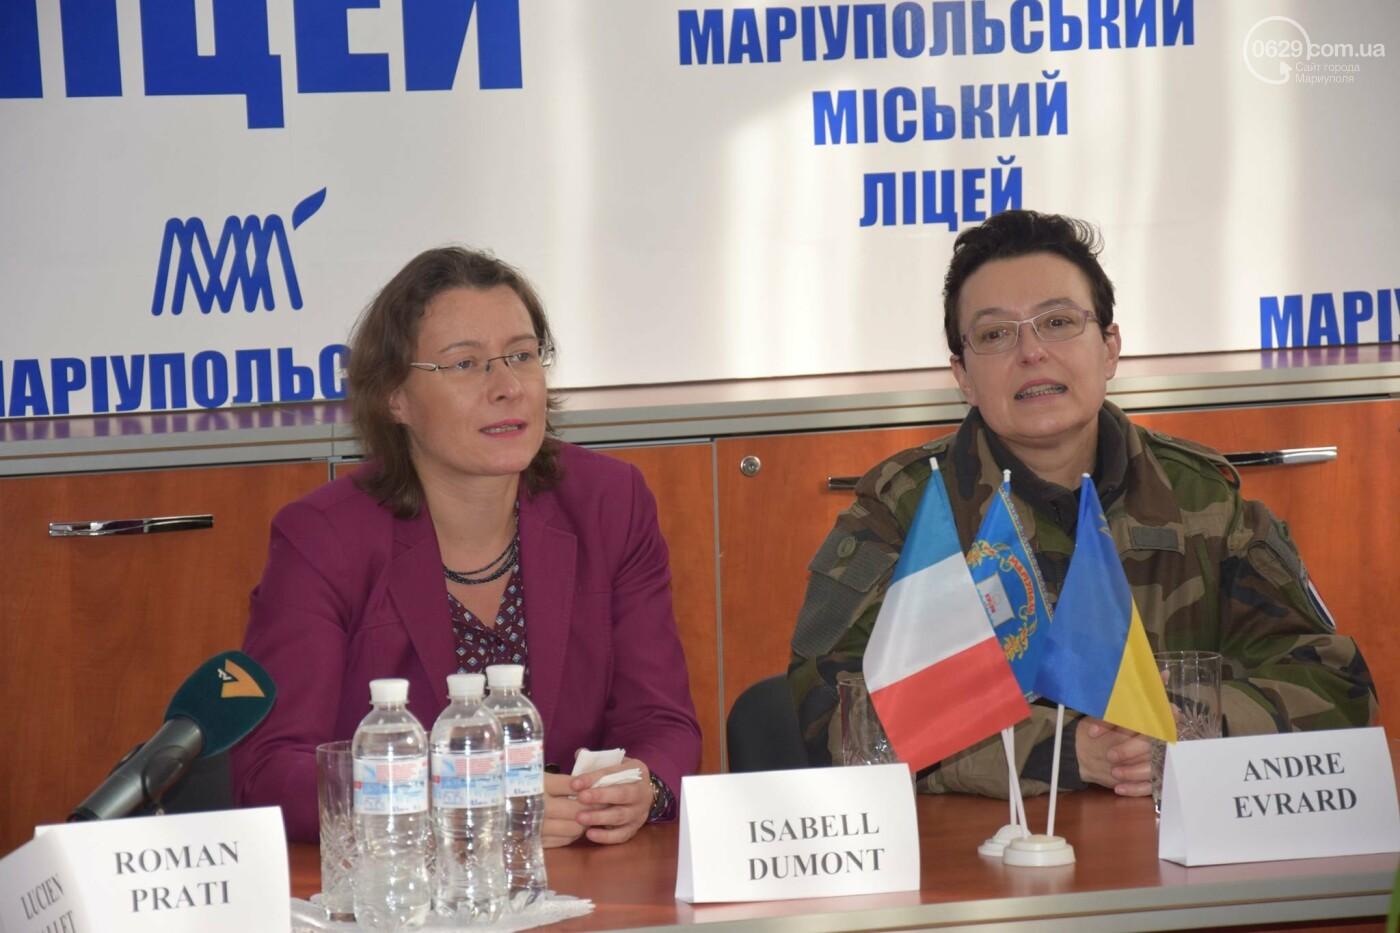 Посол Франции в Украине посетила Мариупольский лицей,- ФОТО, ВИДЕО, фото-1